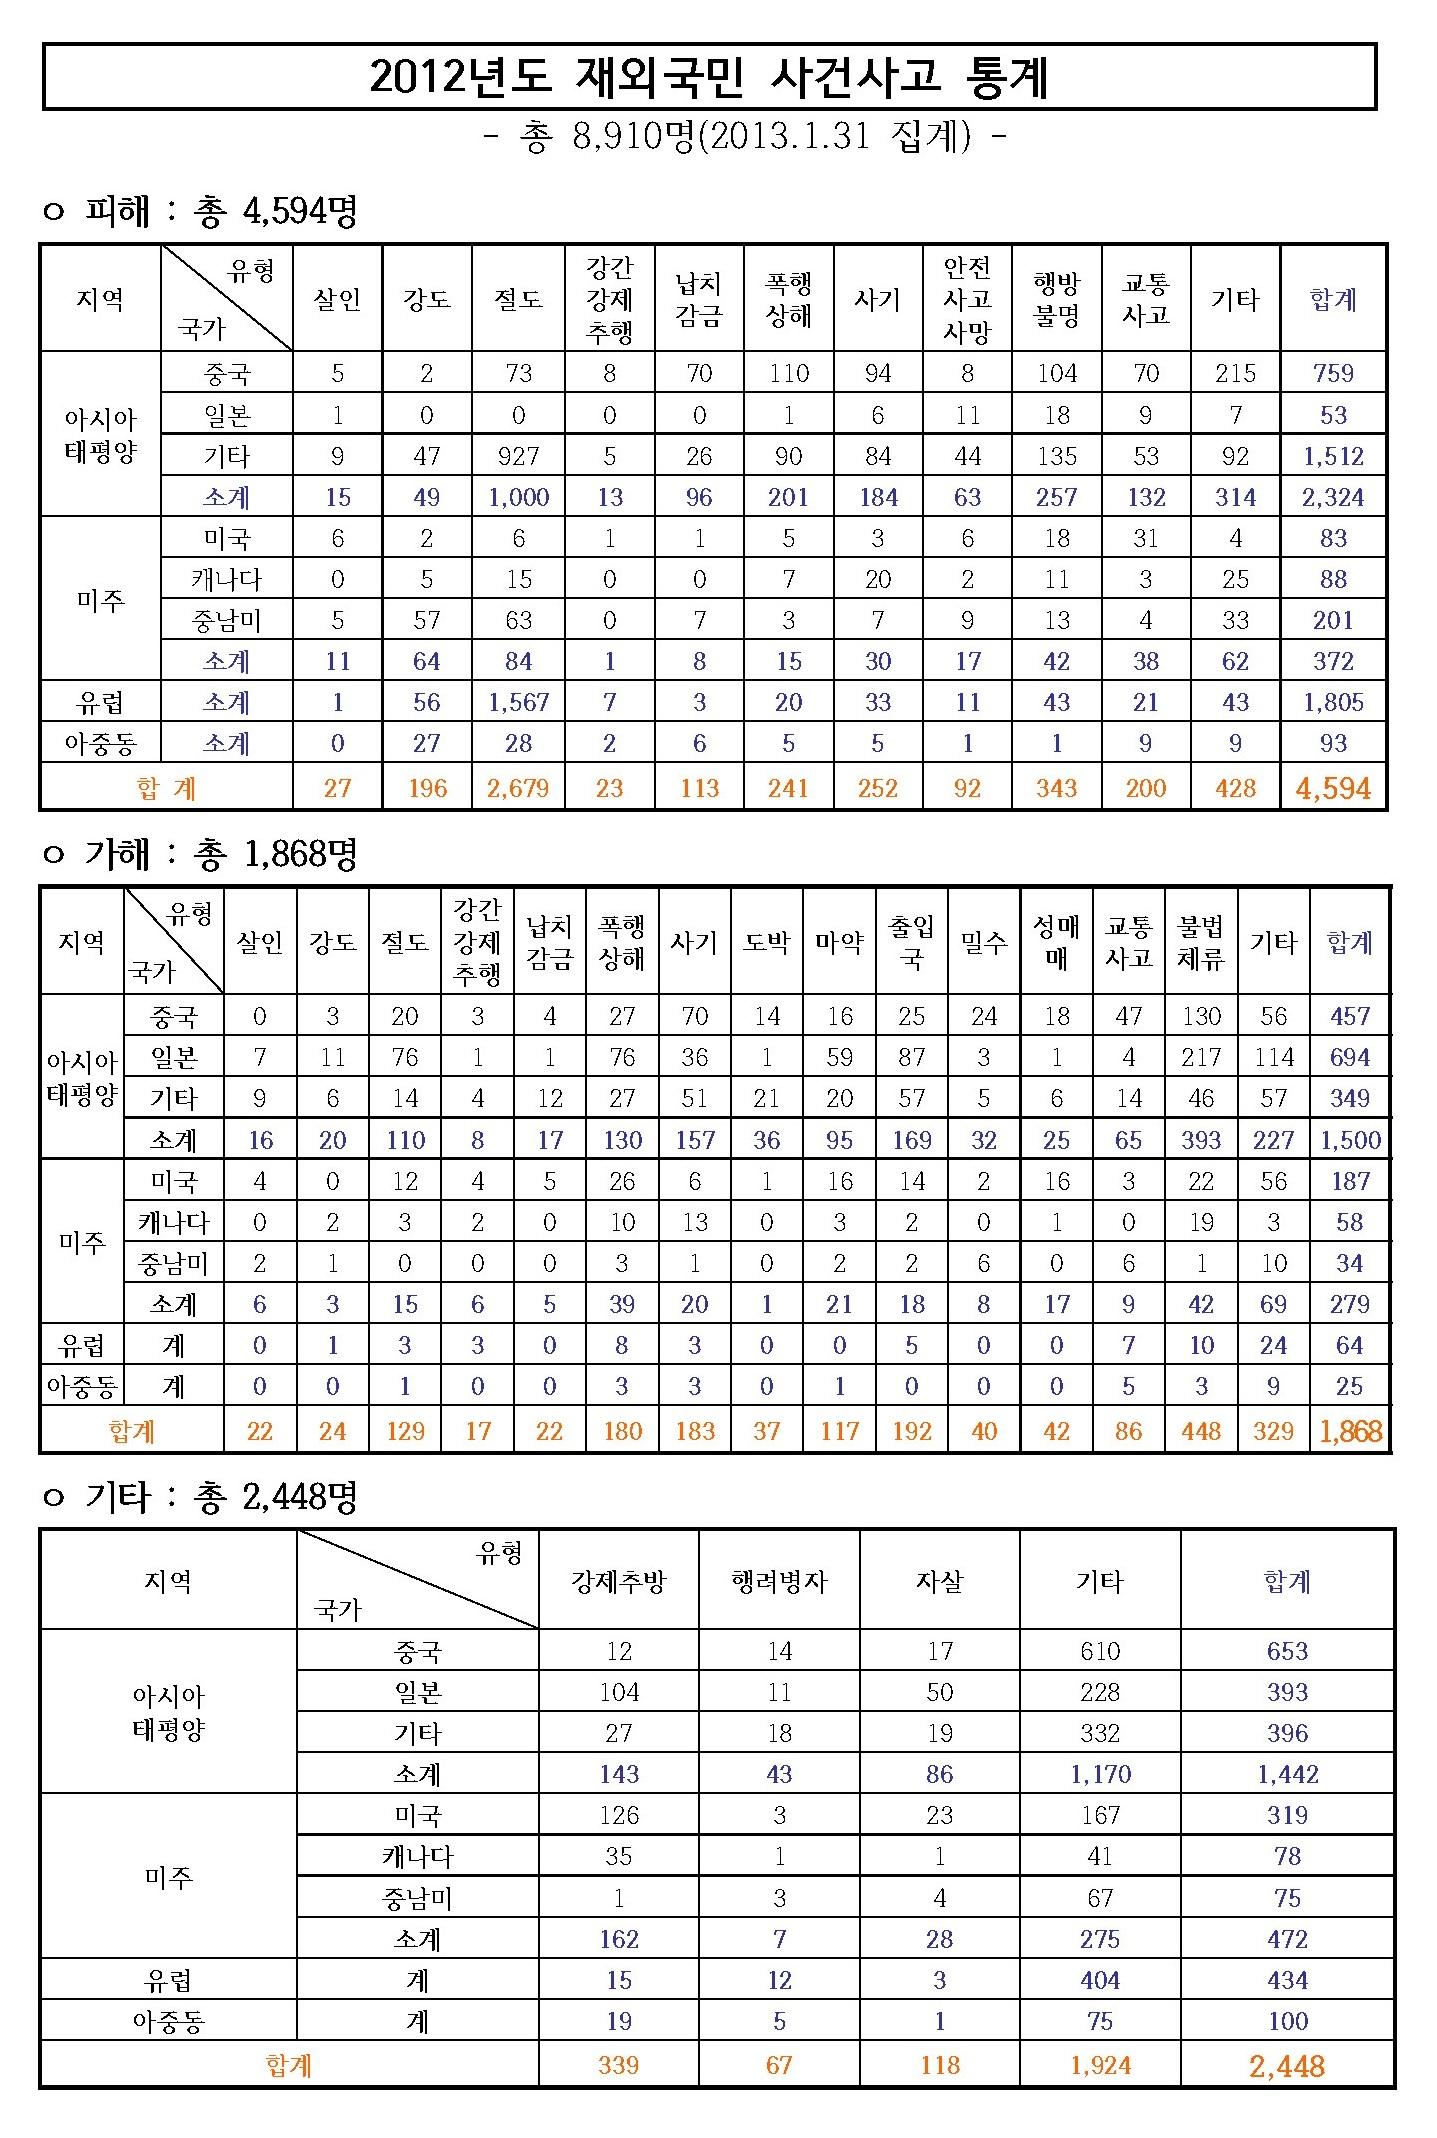 2012년도 재외국민 사건사고 통계